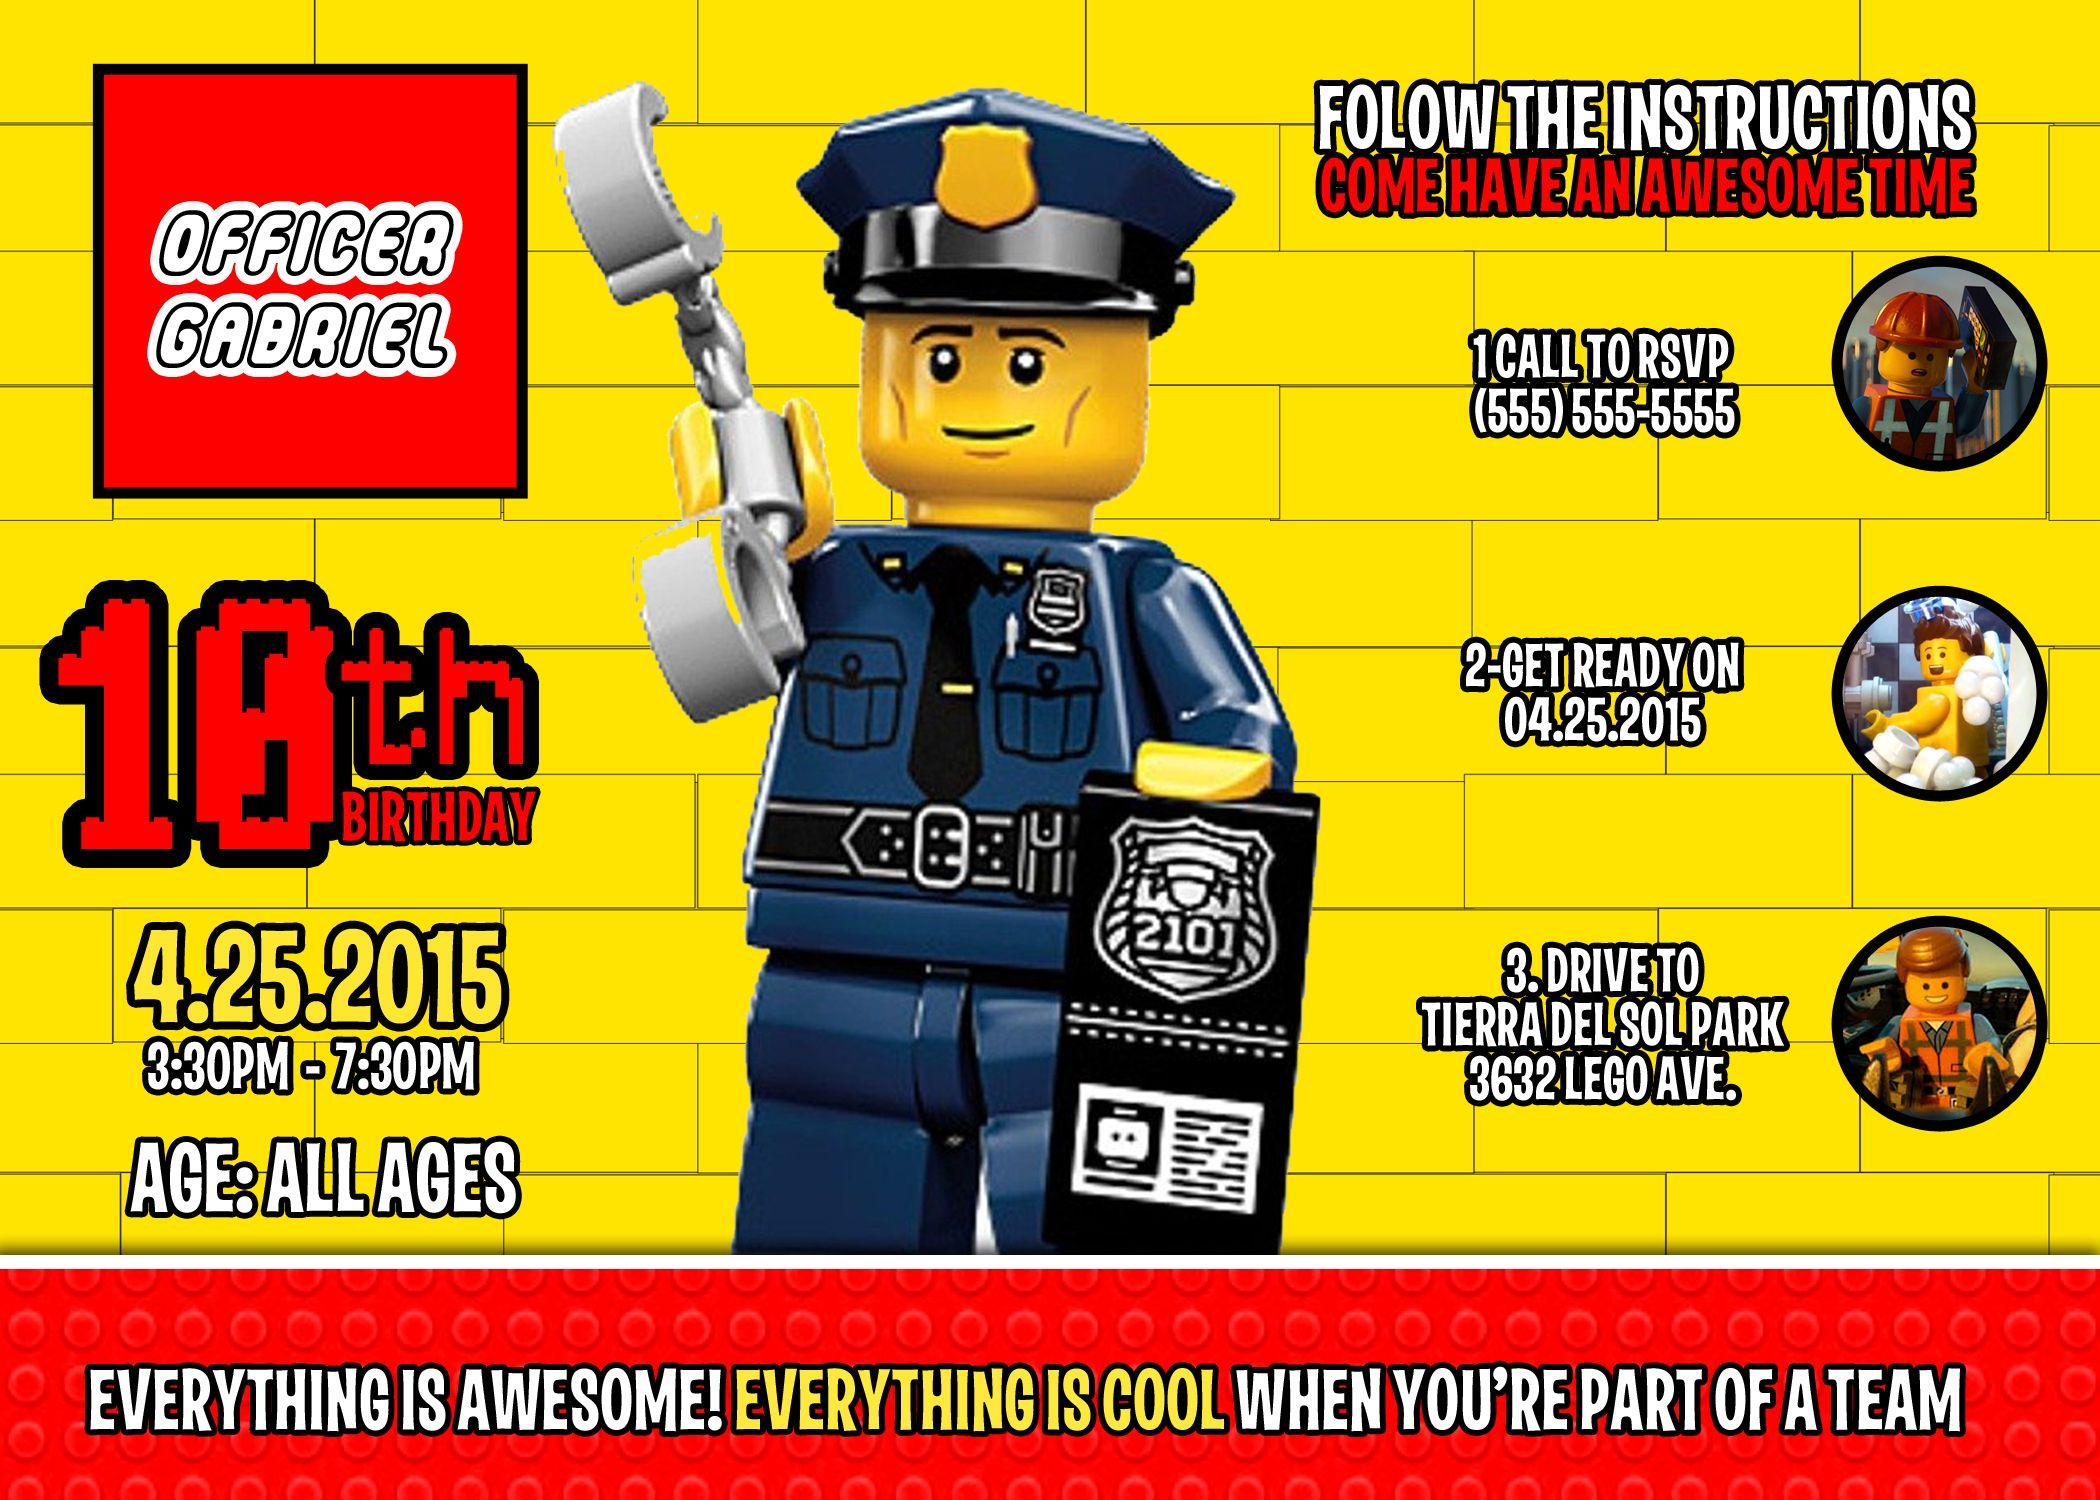 Lego Police Birthday Invitation | Lego police, Lego and Birthdays